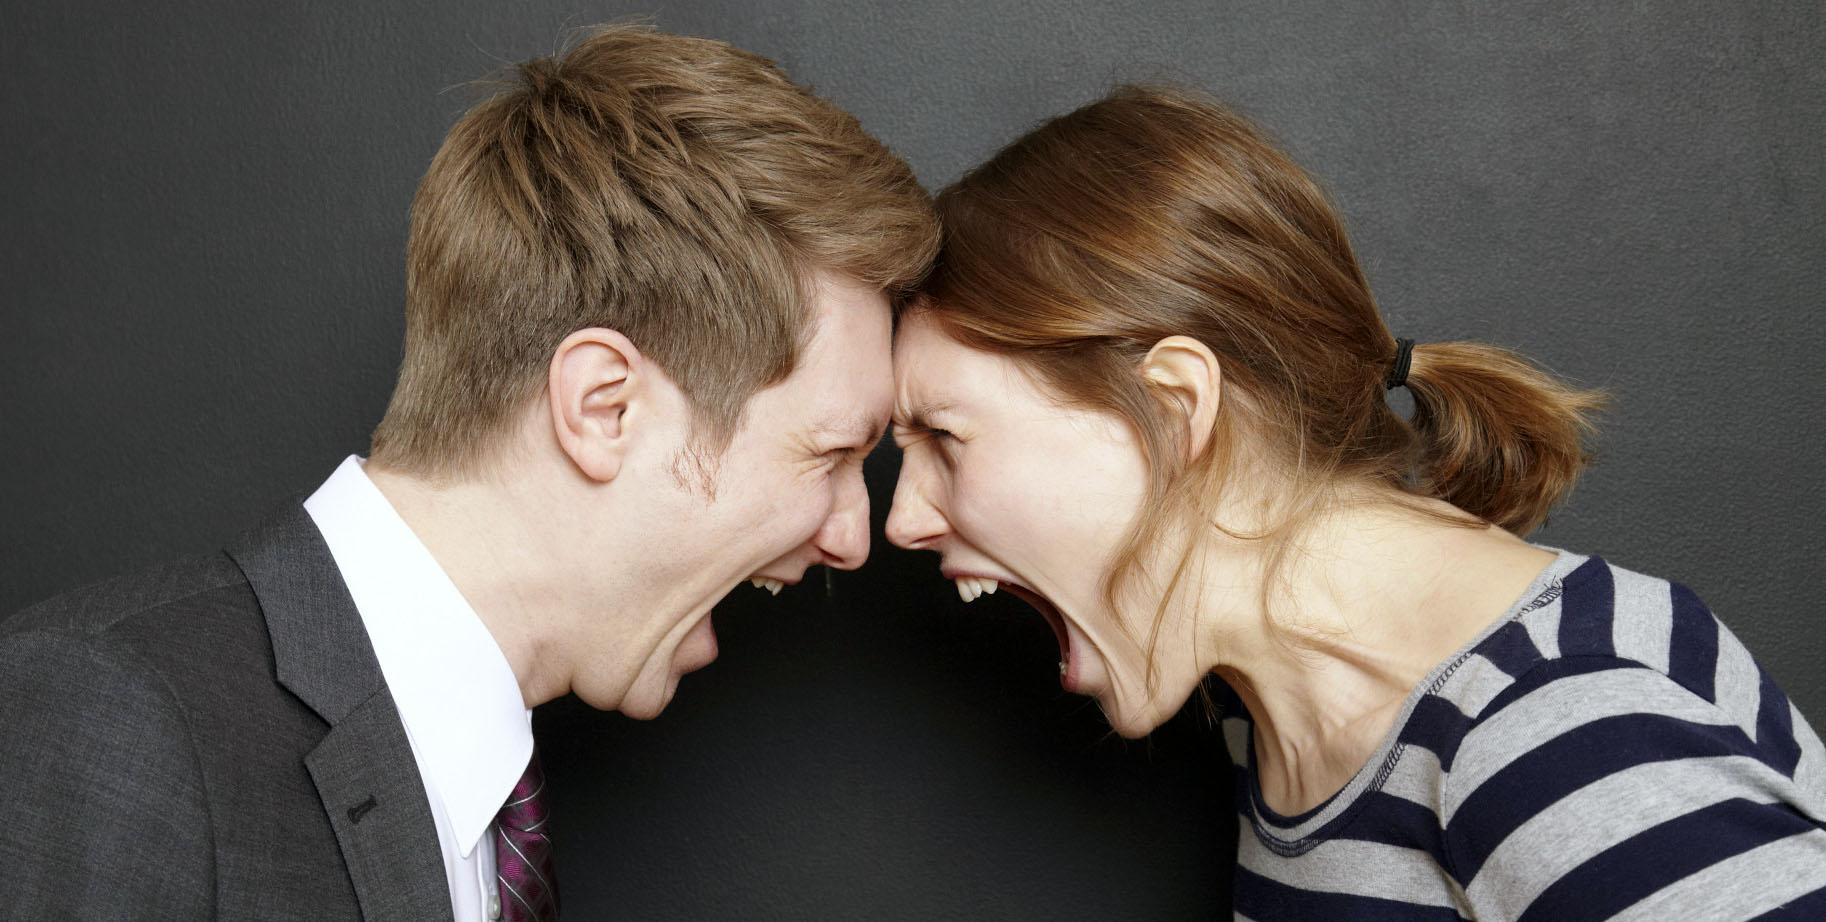 Kako končati prepir s partnerjem?